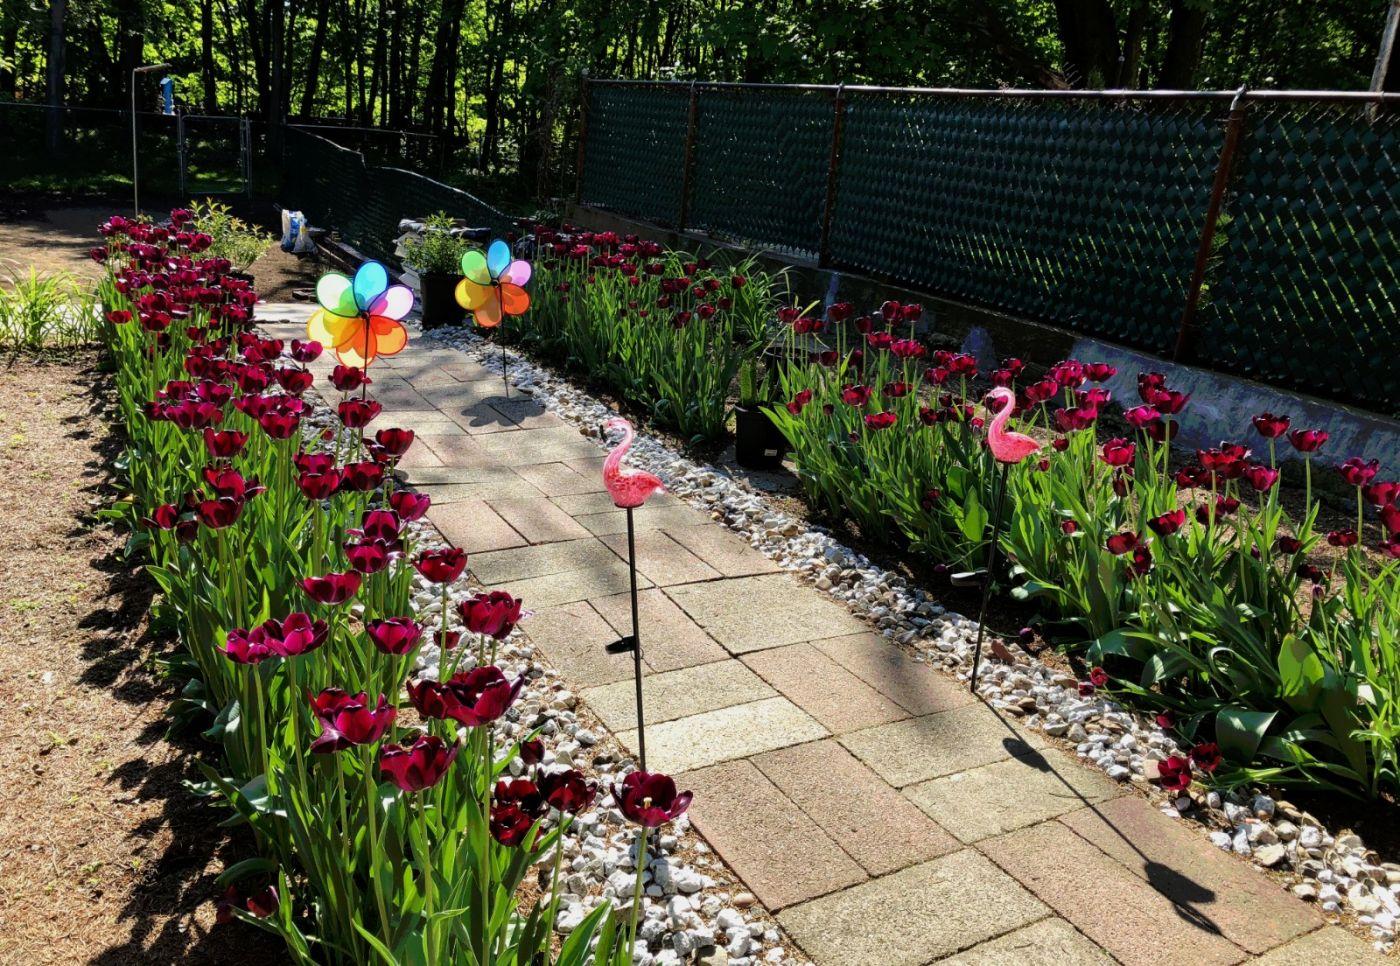 【田螺手机摄影】我后院的紫金香也全部开了_图1-1